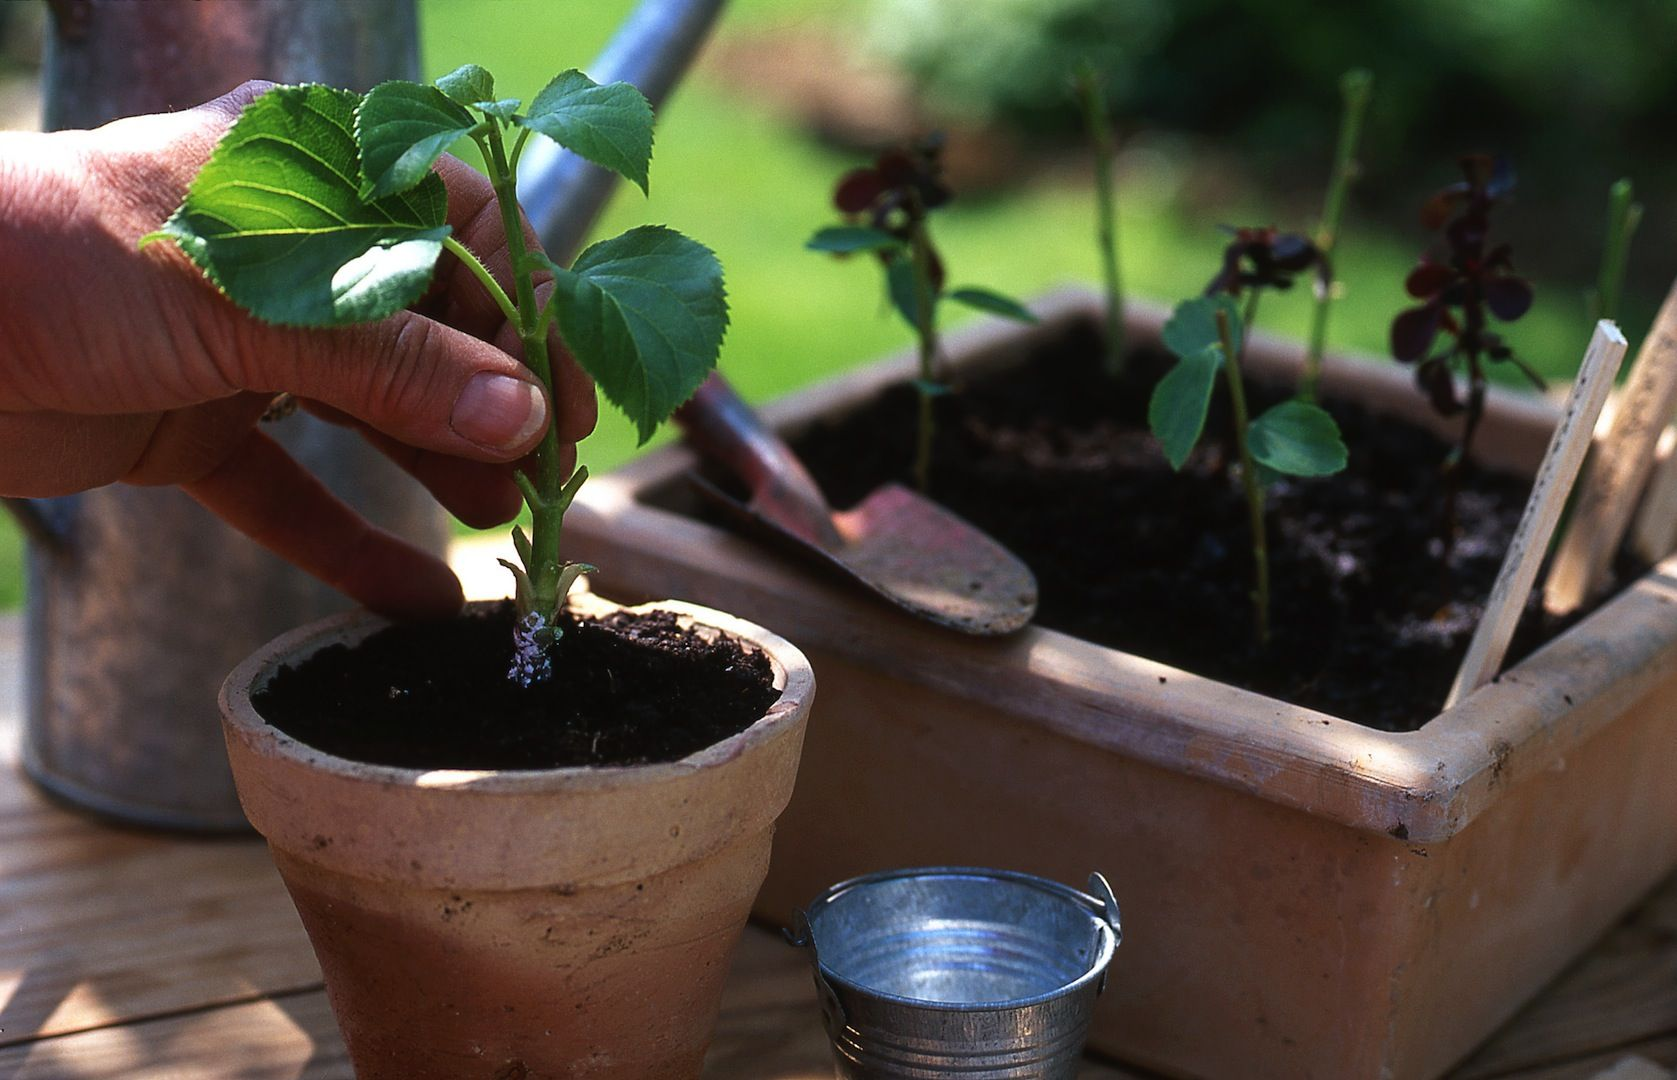 Hortensje Rozmnaza Sie Latwo Przez Sadzonki Wierzcholkowe Zabieg Ten Najlepiej Wykonac W Czerwcu Choc Odpowiednim Terminem Na Gl Plants Planters Planter Pots